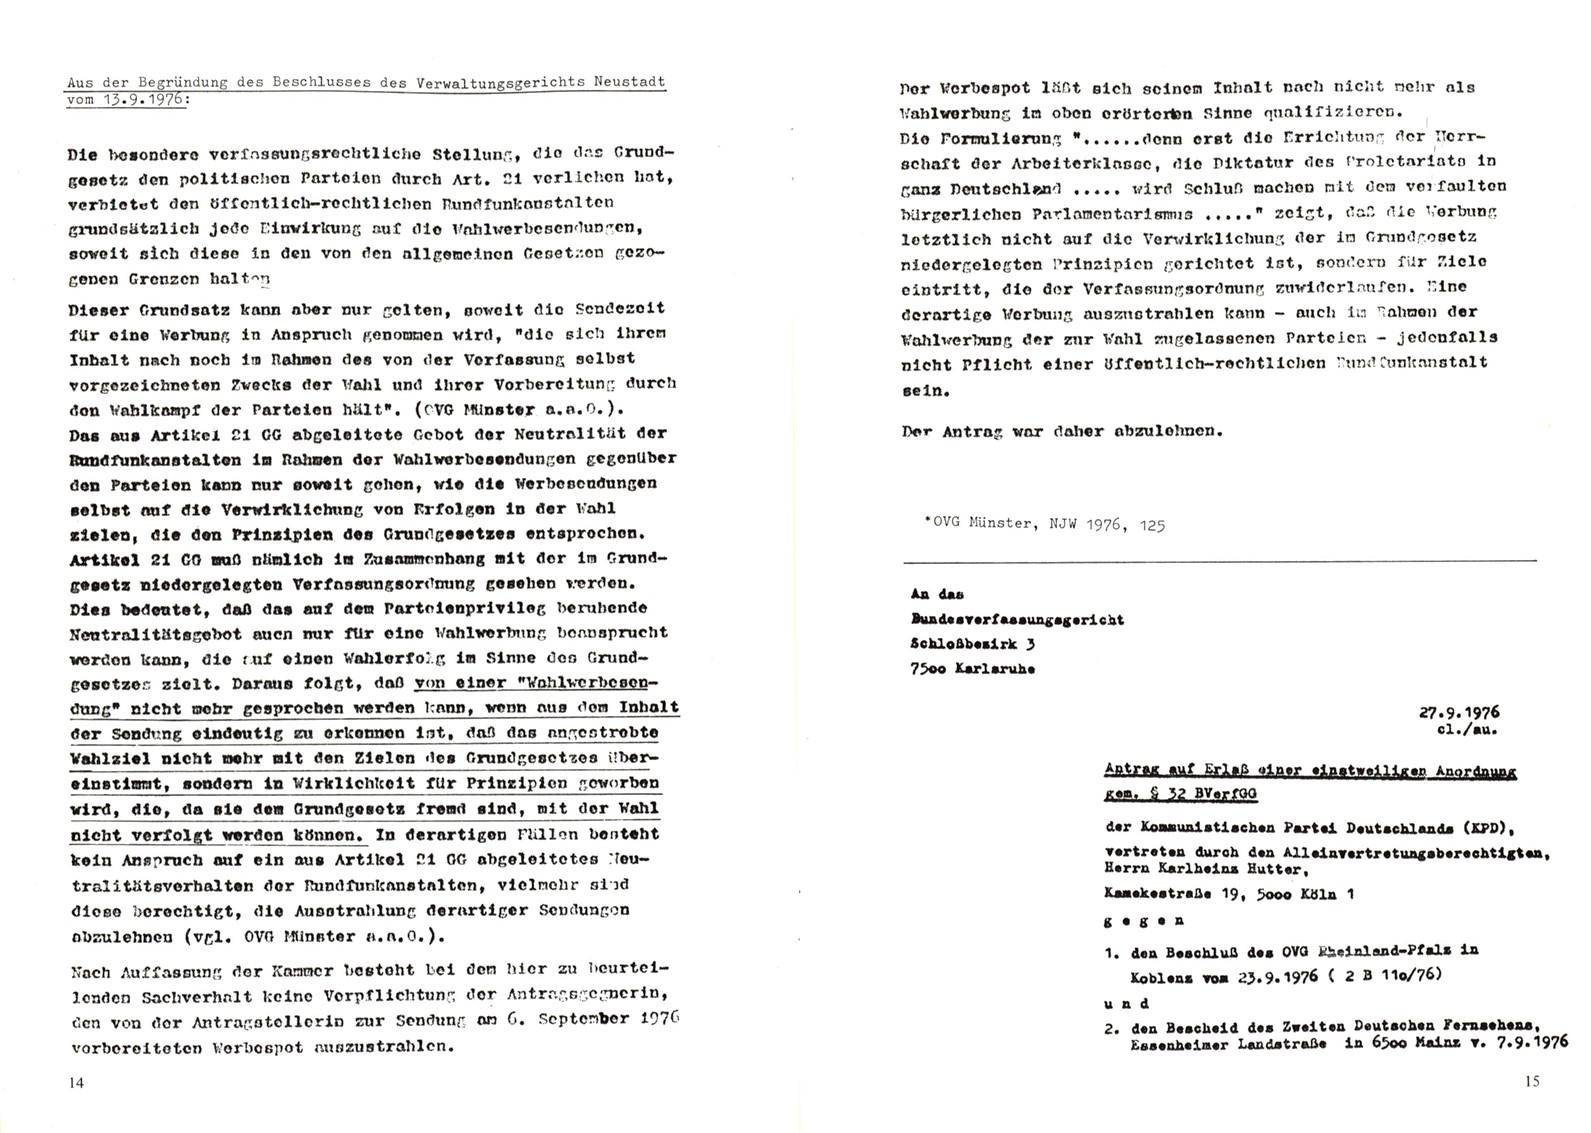 KPDAO_1976_Wahlbehinderungen_im_BTW_09